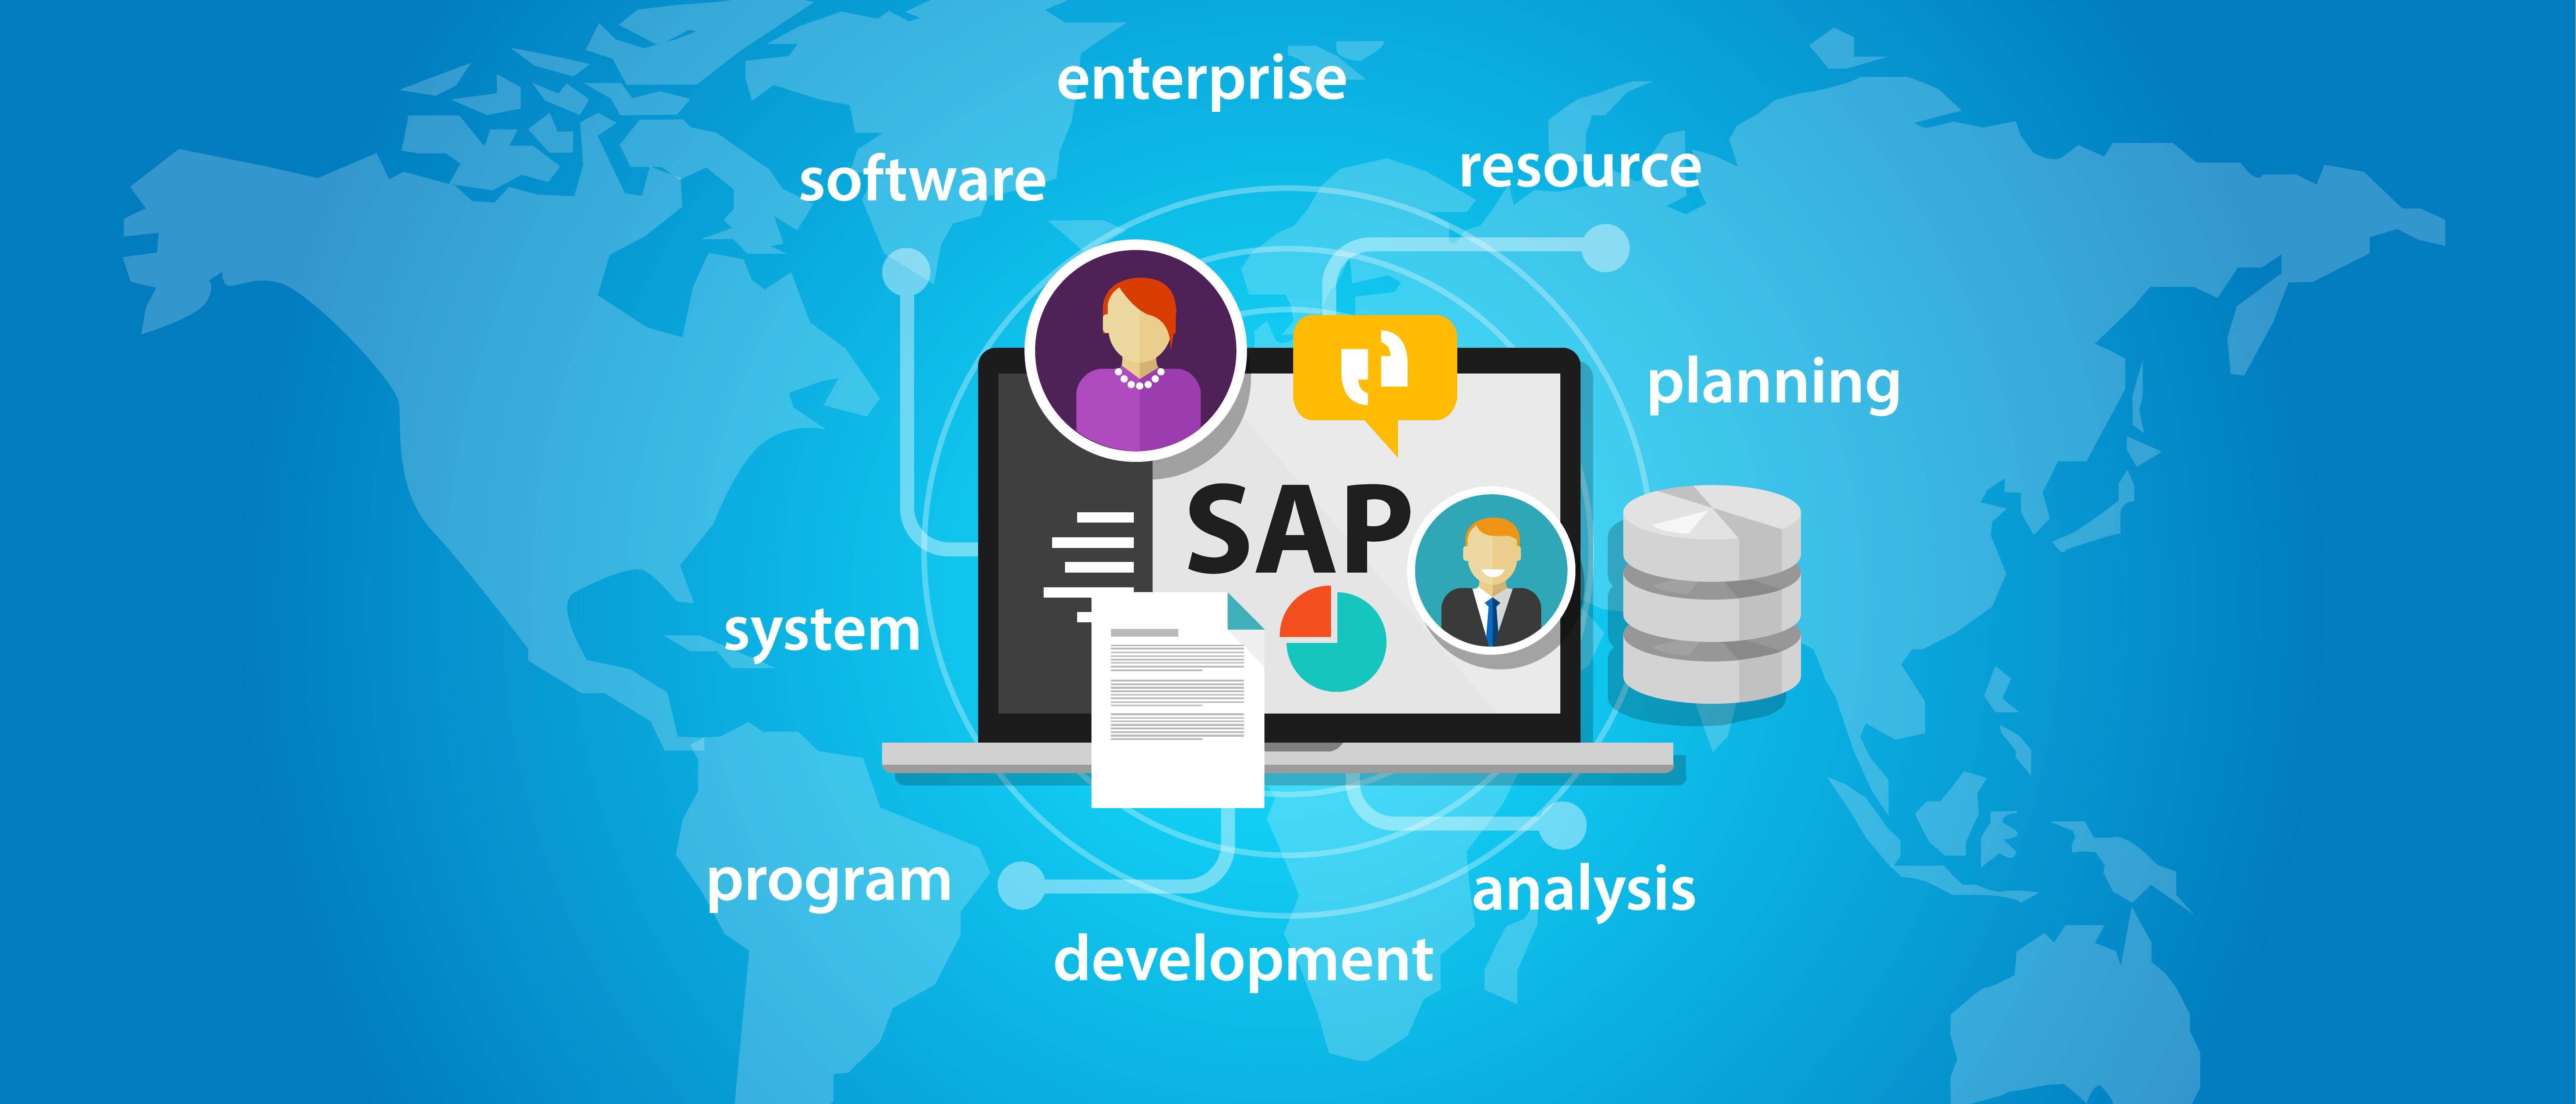 SAP Cloud: Llega la transformación digital a las empresas